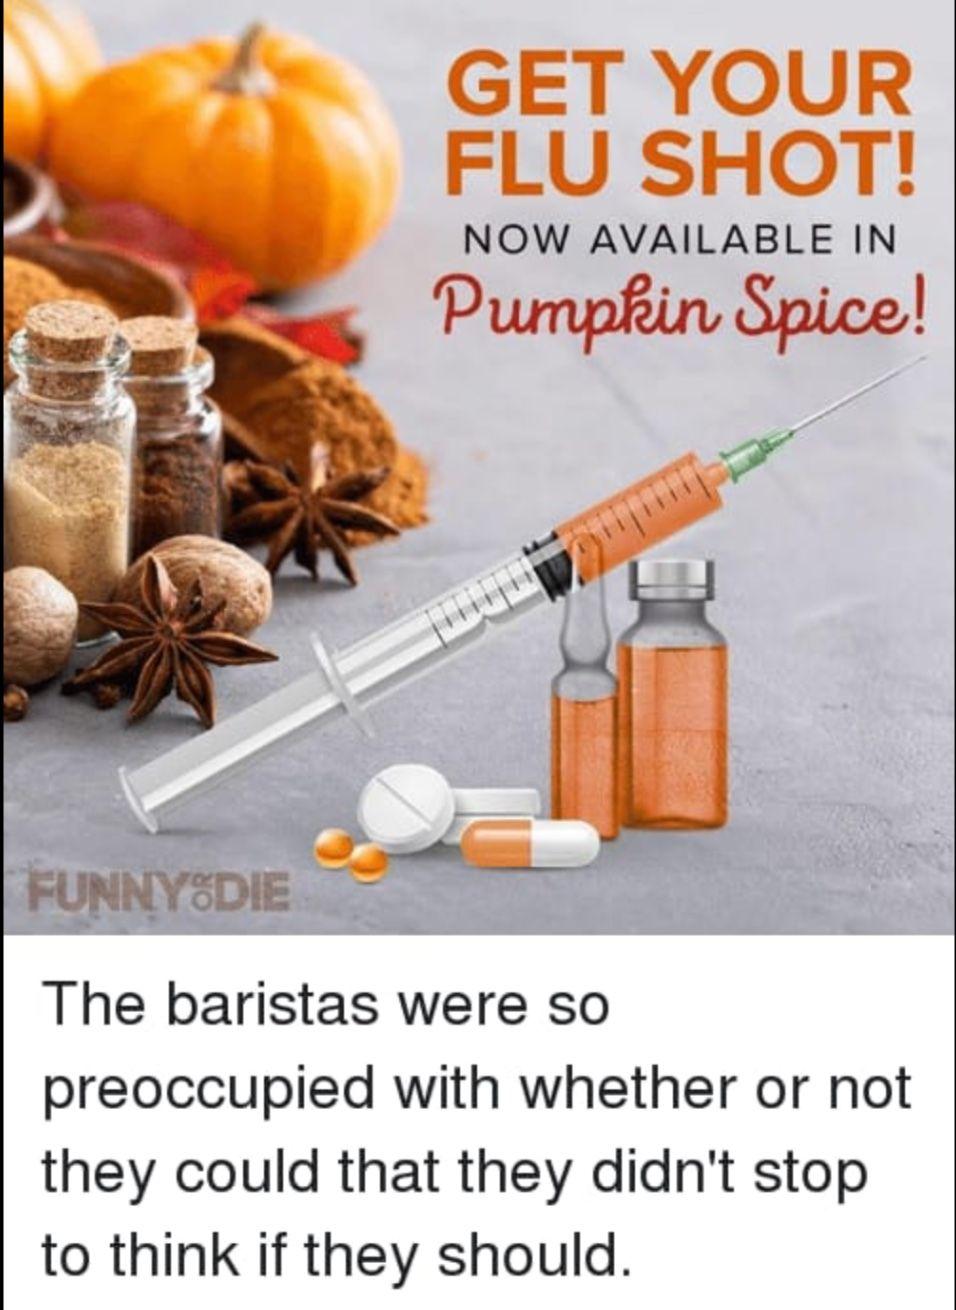 Pin by Rebekah Wright on Pharmacy Pumpkin spice, Pumpkin